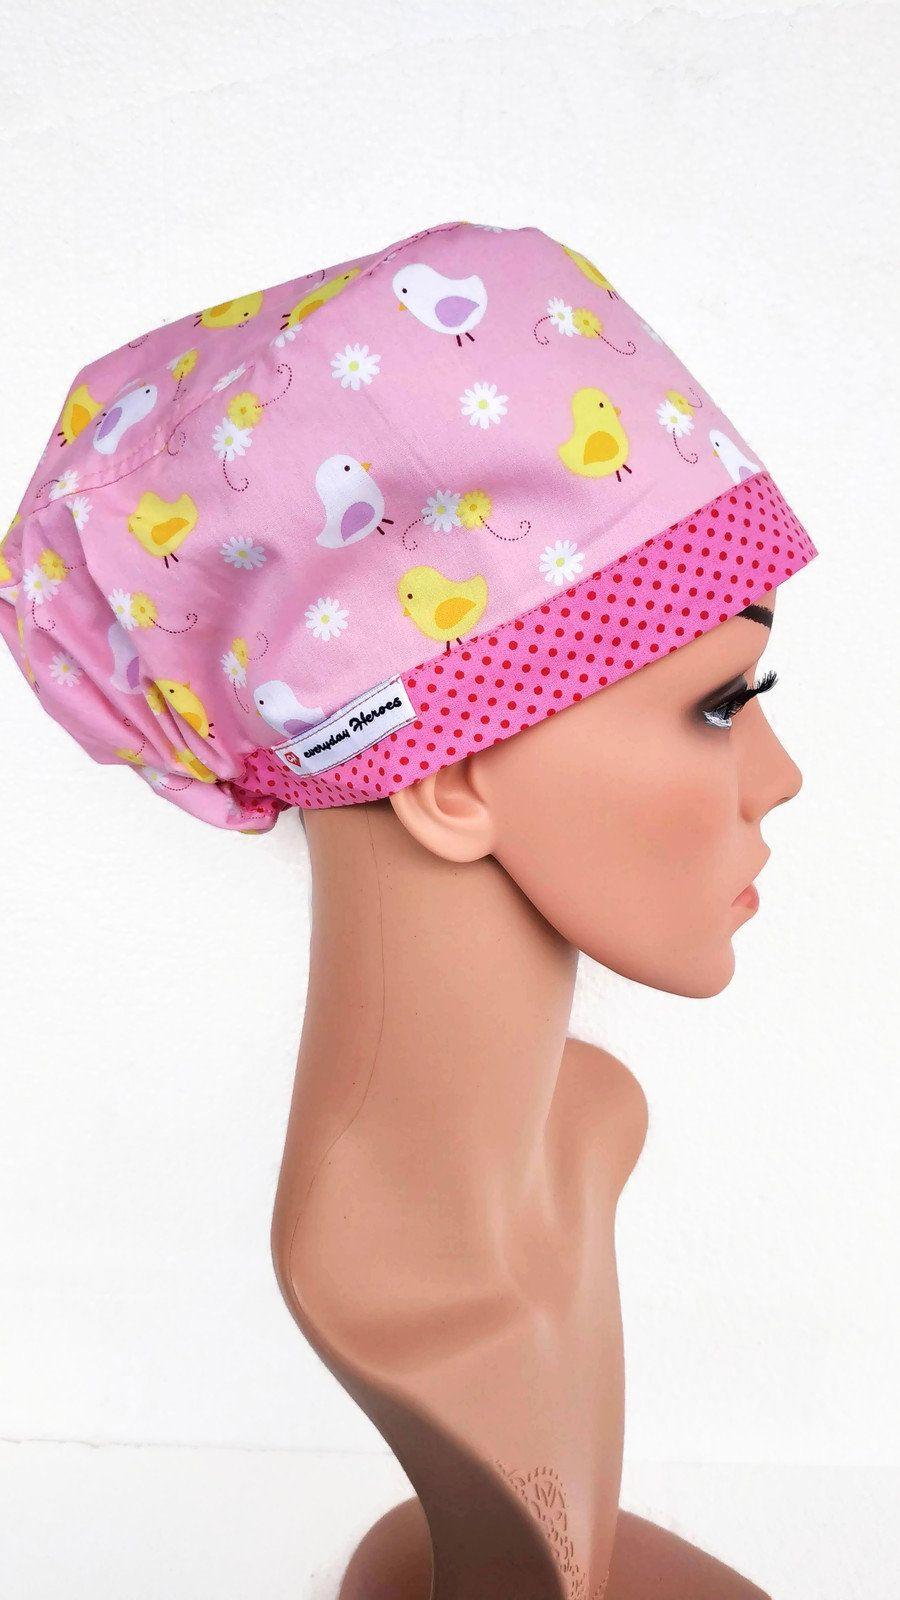 nurse or scrub caps scrub hat women surgical cap anatomy Medical anatomy scrub caps